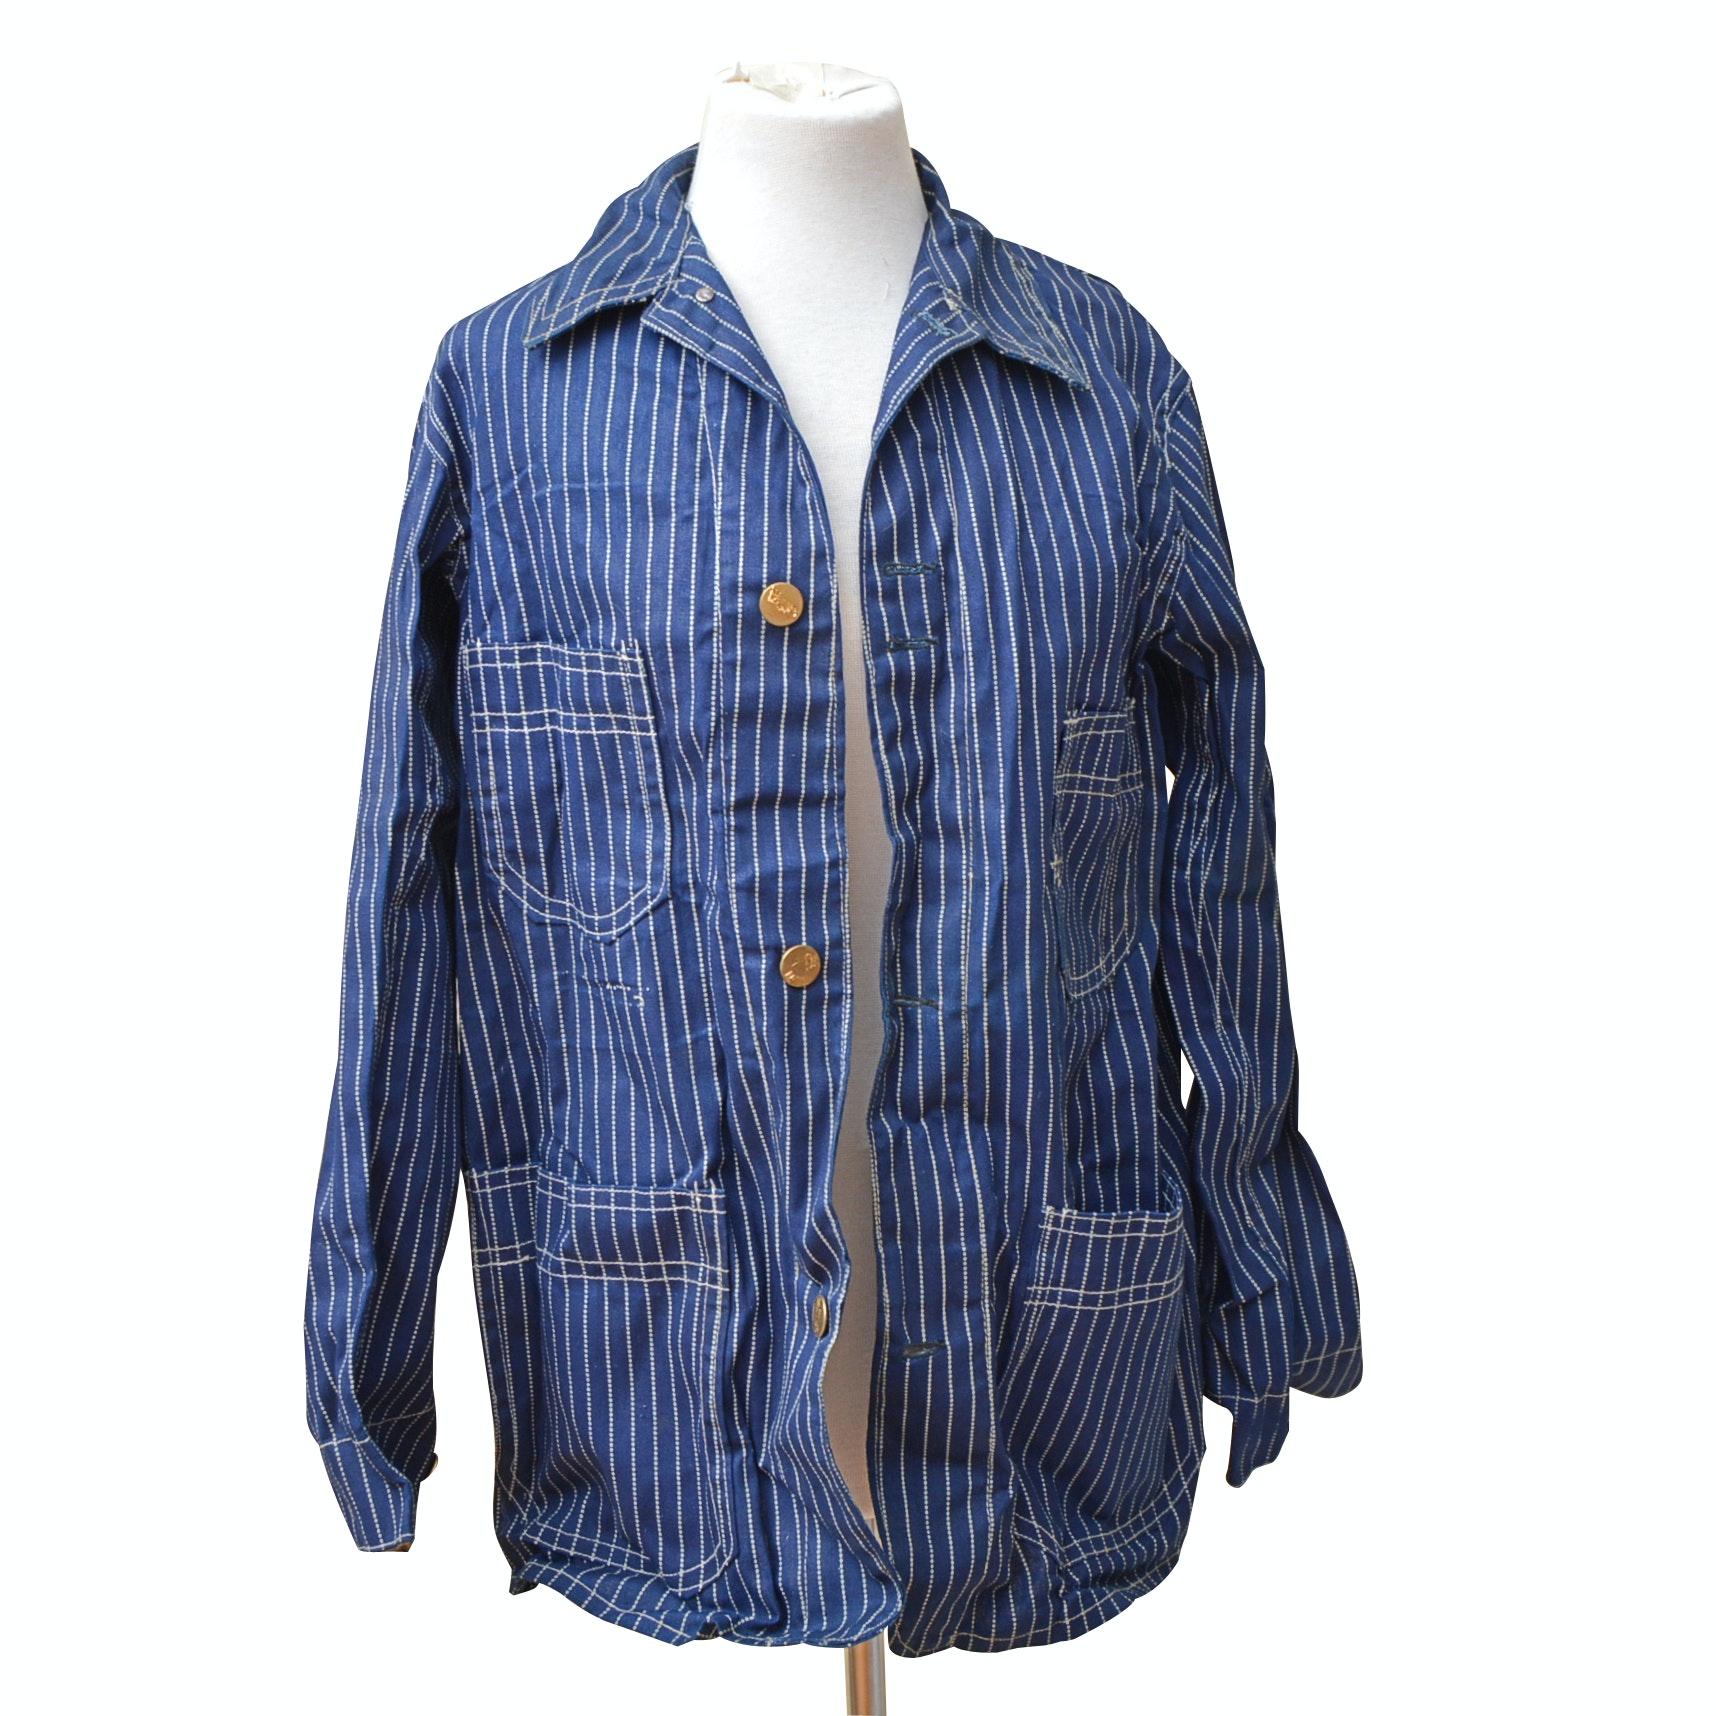 Vintage Fort Brand Denim Railroad Jacket